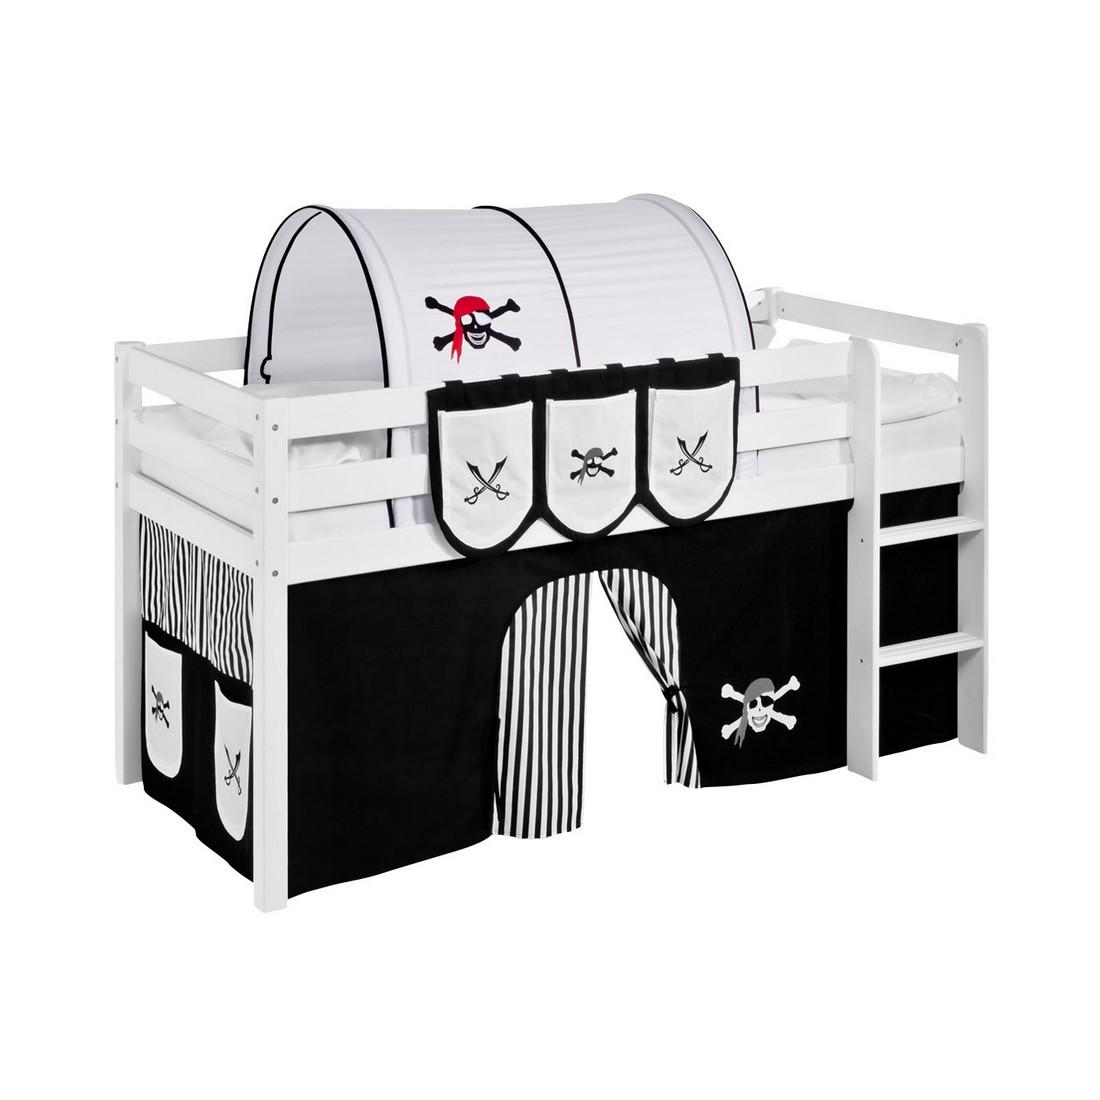 home24 Tunnel fuer Hochbett Spielbett Pirat | Kinderzimmer > Kinderbetten > Hochbetten | Schwarz | Textil | Lilokids